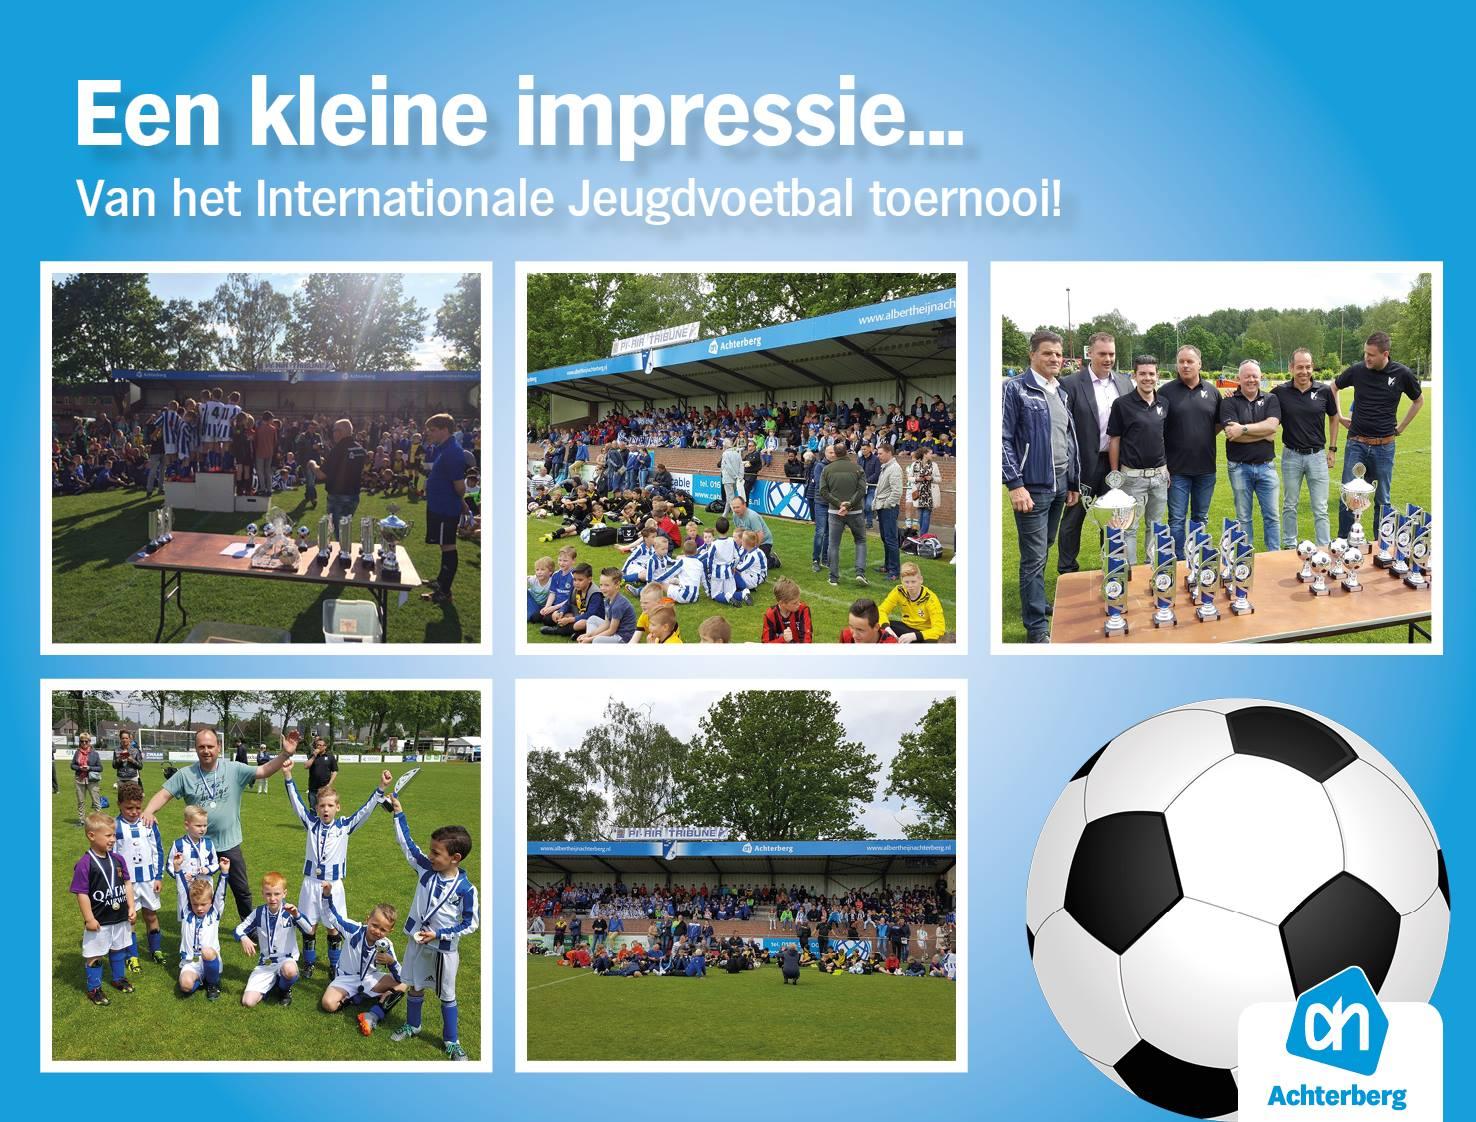 Een impressie van het Internationale Jeugdvoetbal toernooi